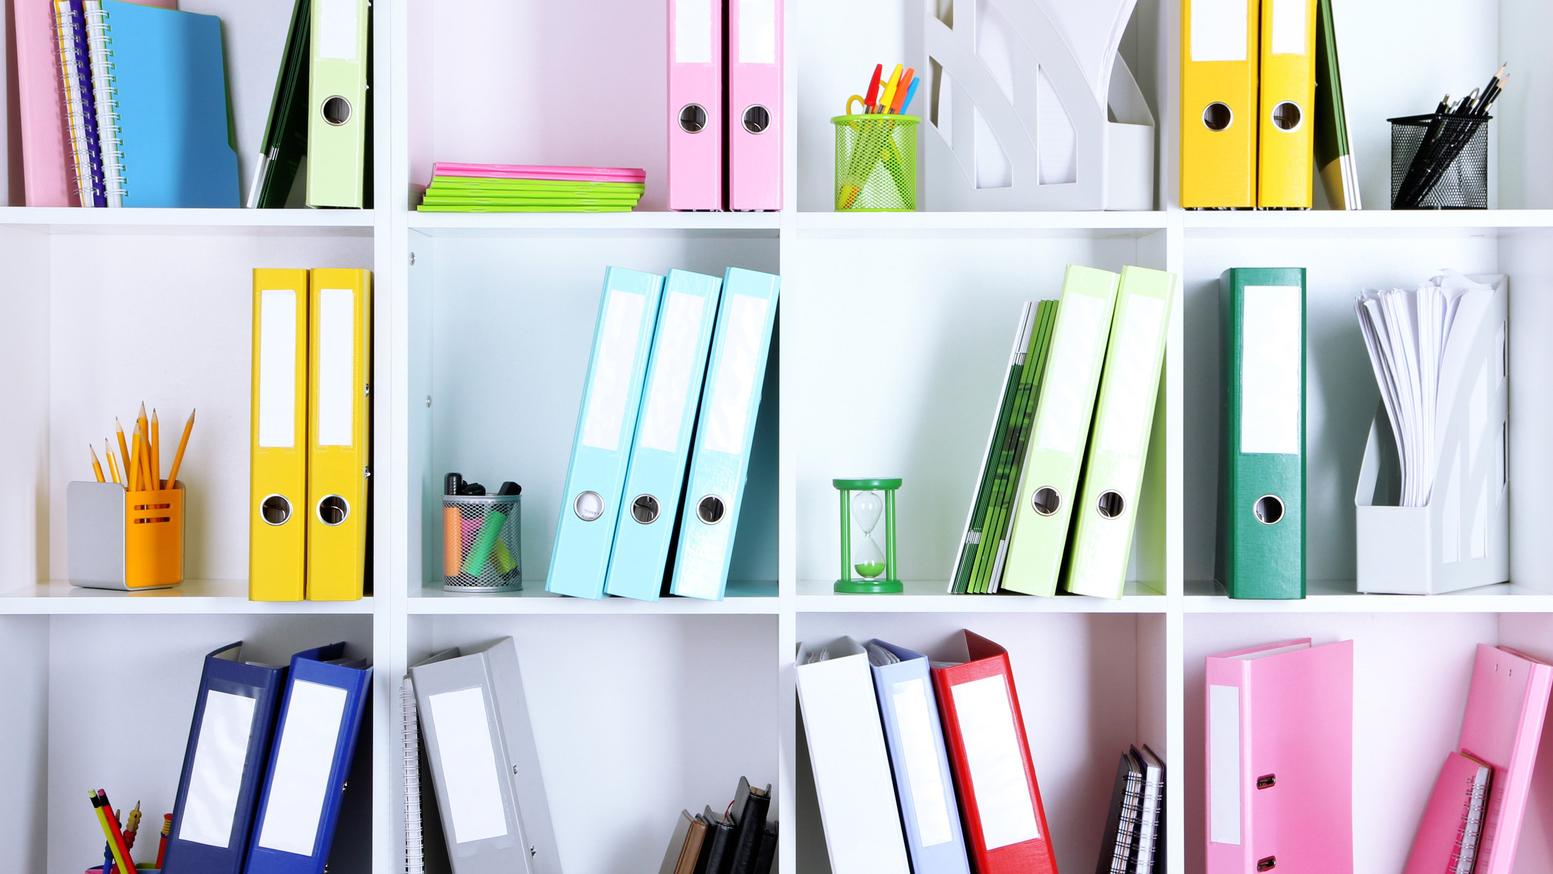 встает картинки шкаф с делами используется